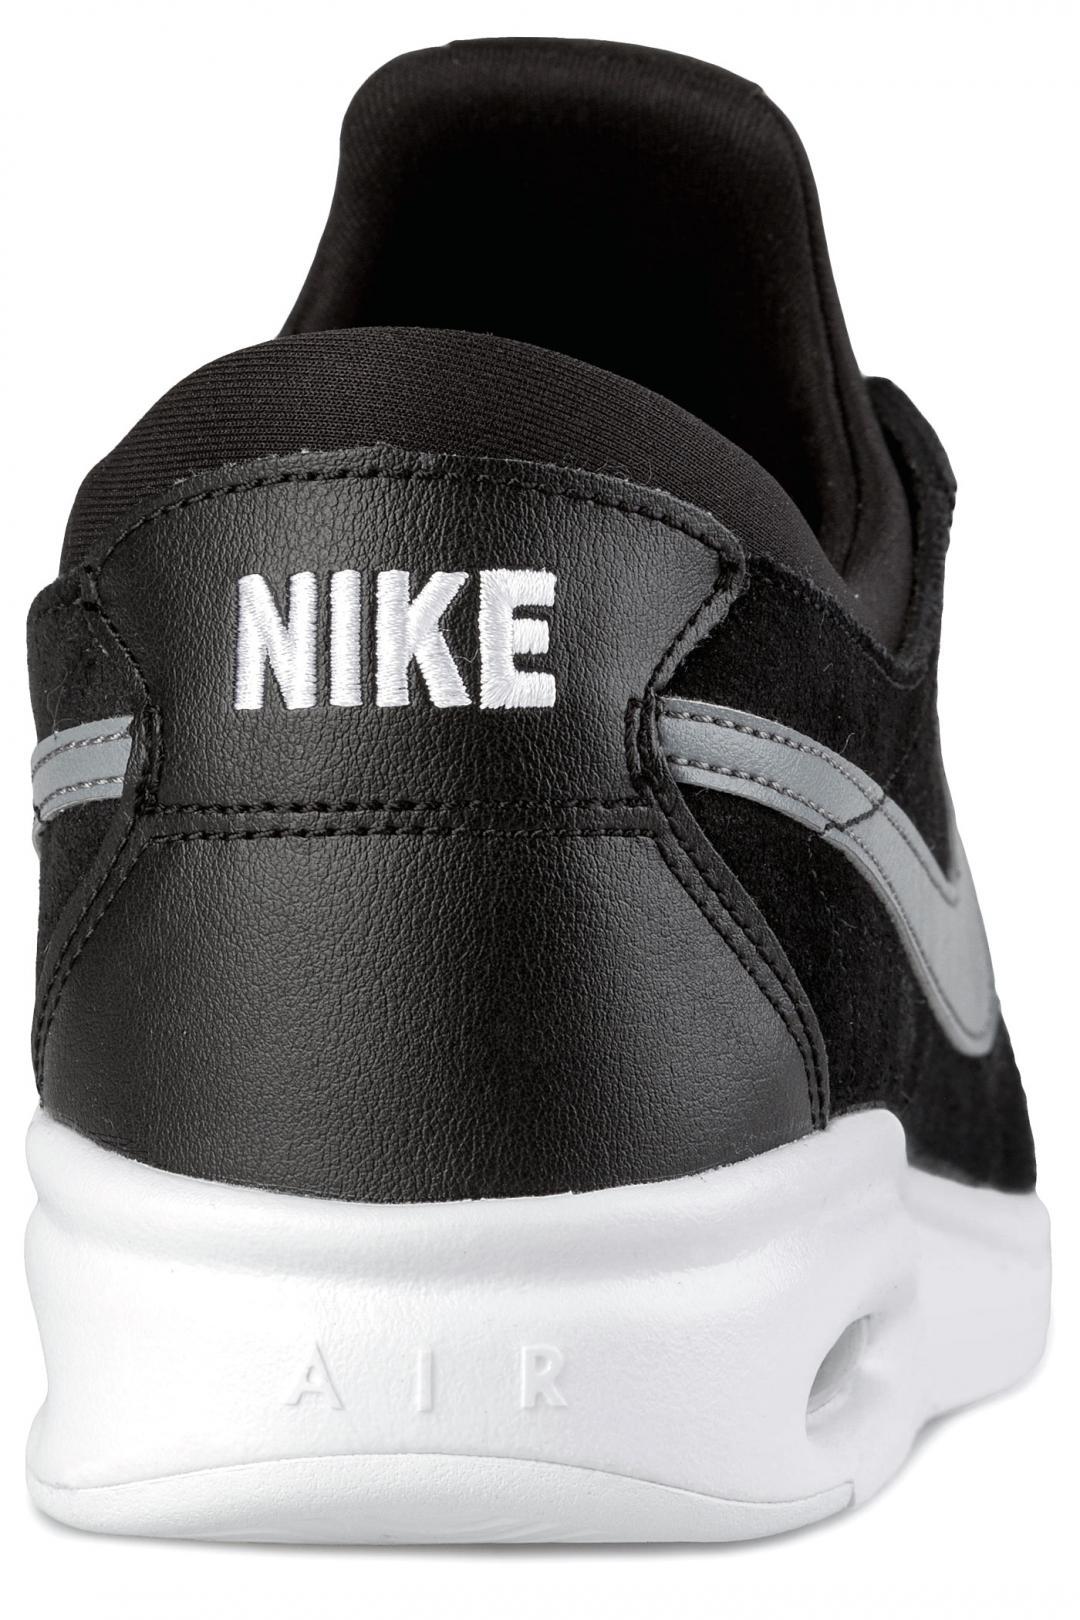 Uomo Nike SB Air Max Bruin Vapor black cool grey | Sneakers low top